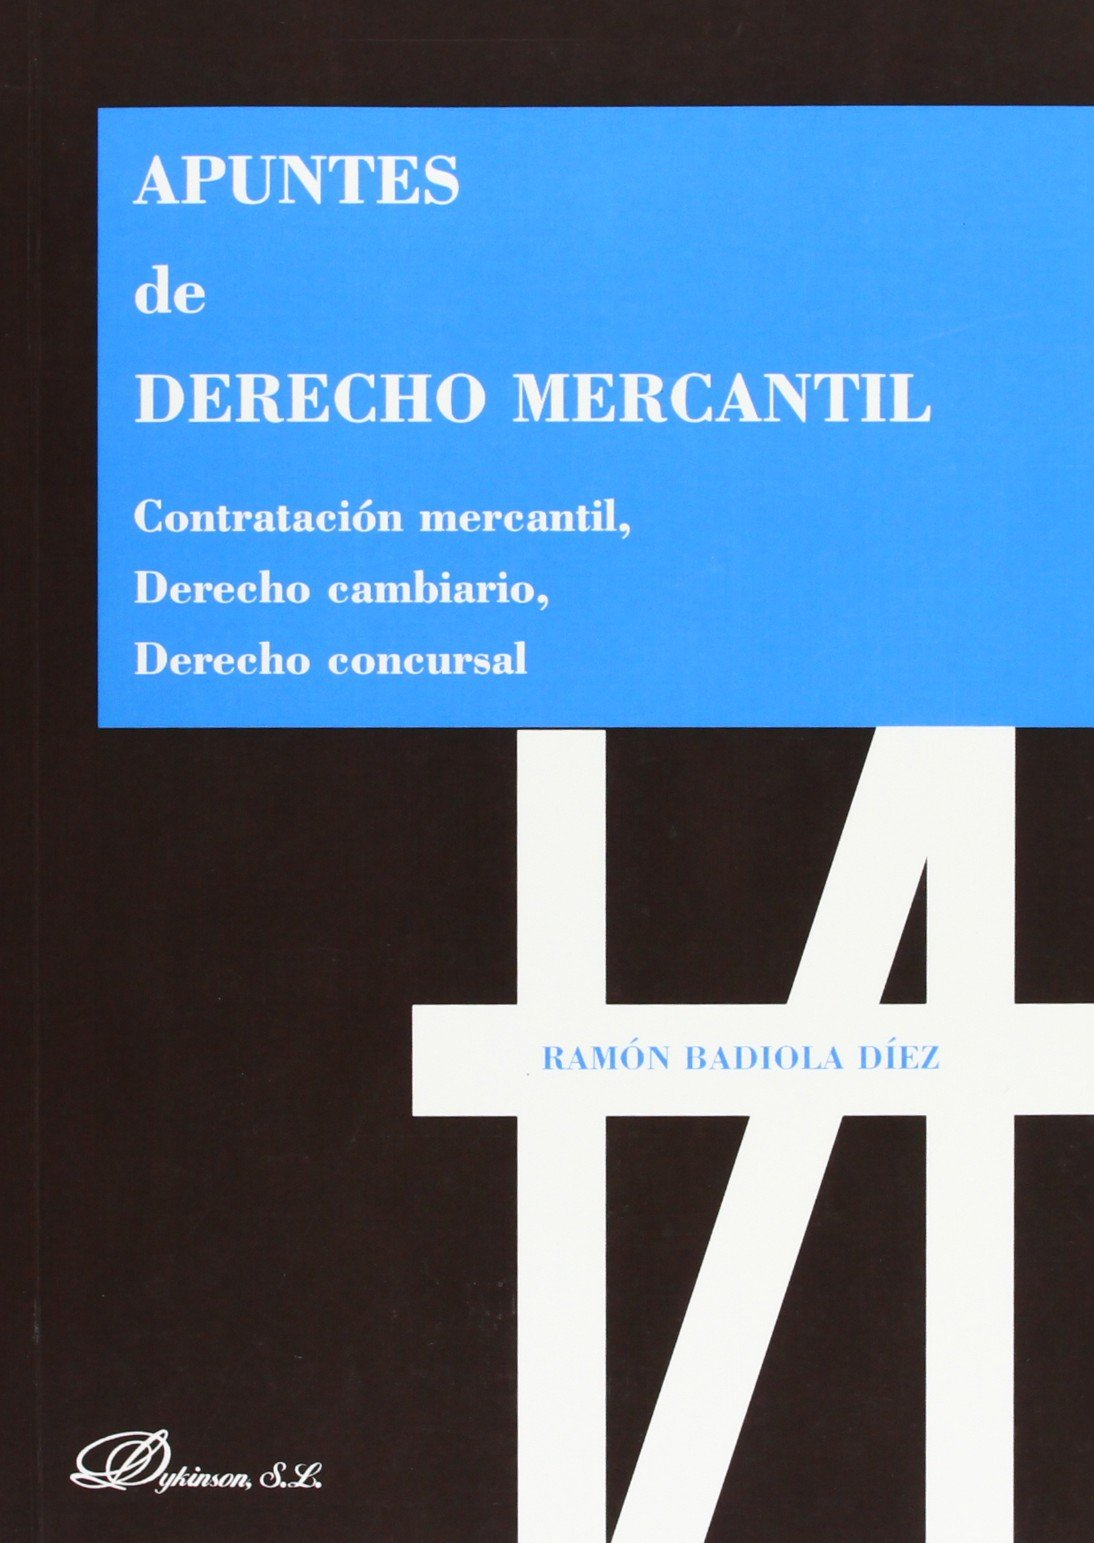 Apuntes de derecho mercantil / Commercial law notes: Contratación mercantil, derecho cambiario, derecho concursal / Commercial Agreements, Exchange Law, Bankruptcy Law (Spanish Edition) pdf epub